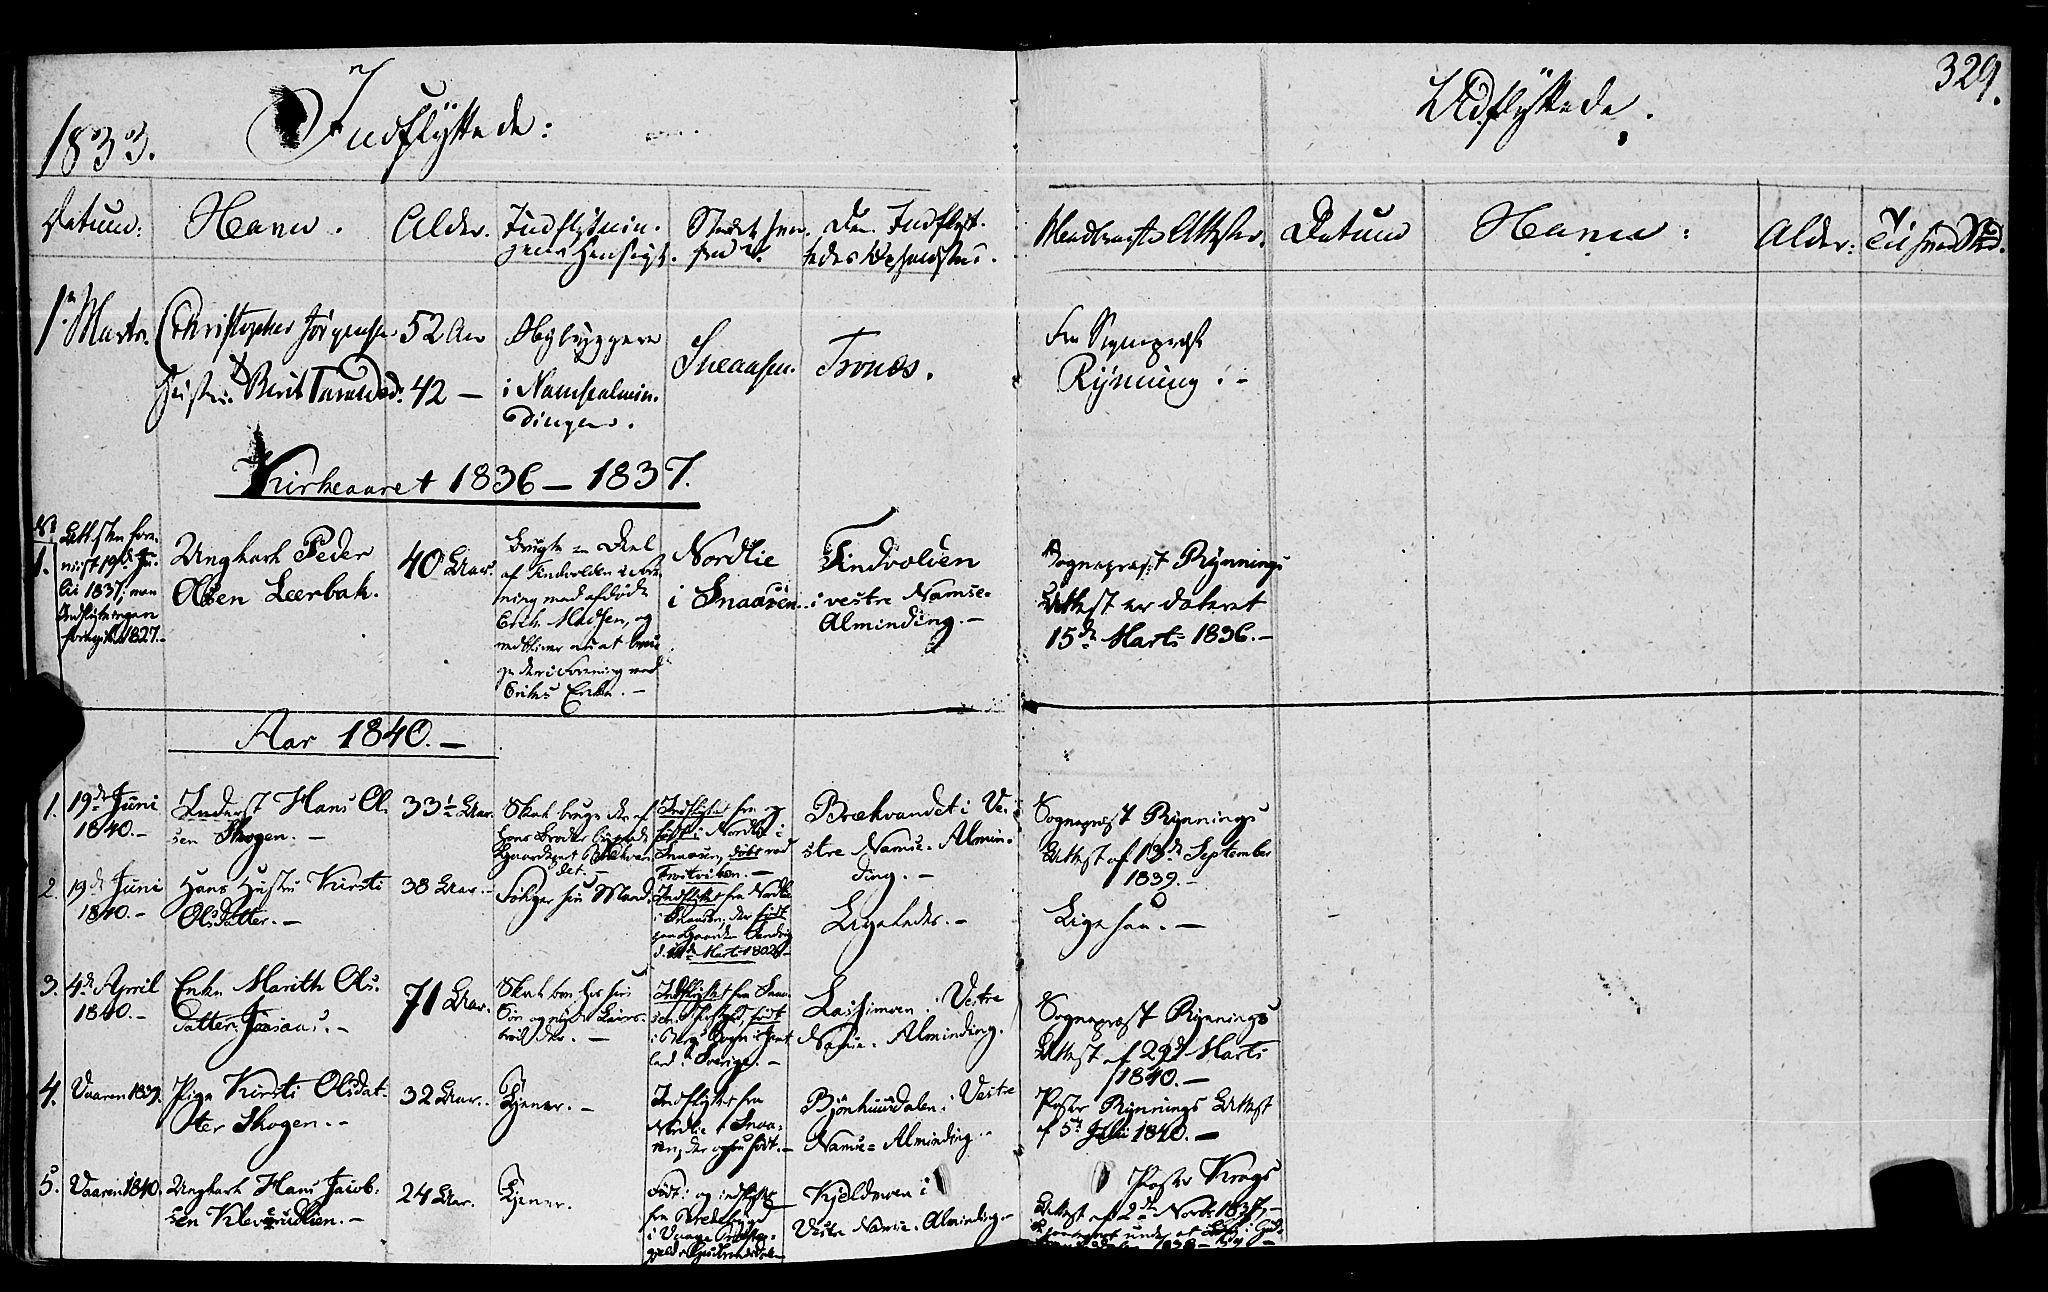 SAT, Ministerialprotokoller, klokkerbøker og fødselsregistre - Nord-Trøndelag, 762/L0538: Ministerialbok nr. 762A02 /2, 1833-1879, s. 329